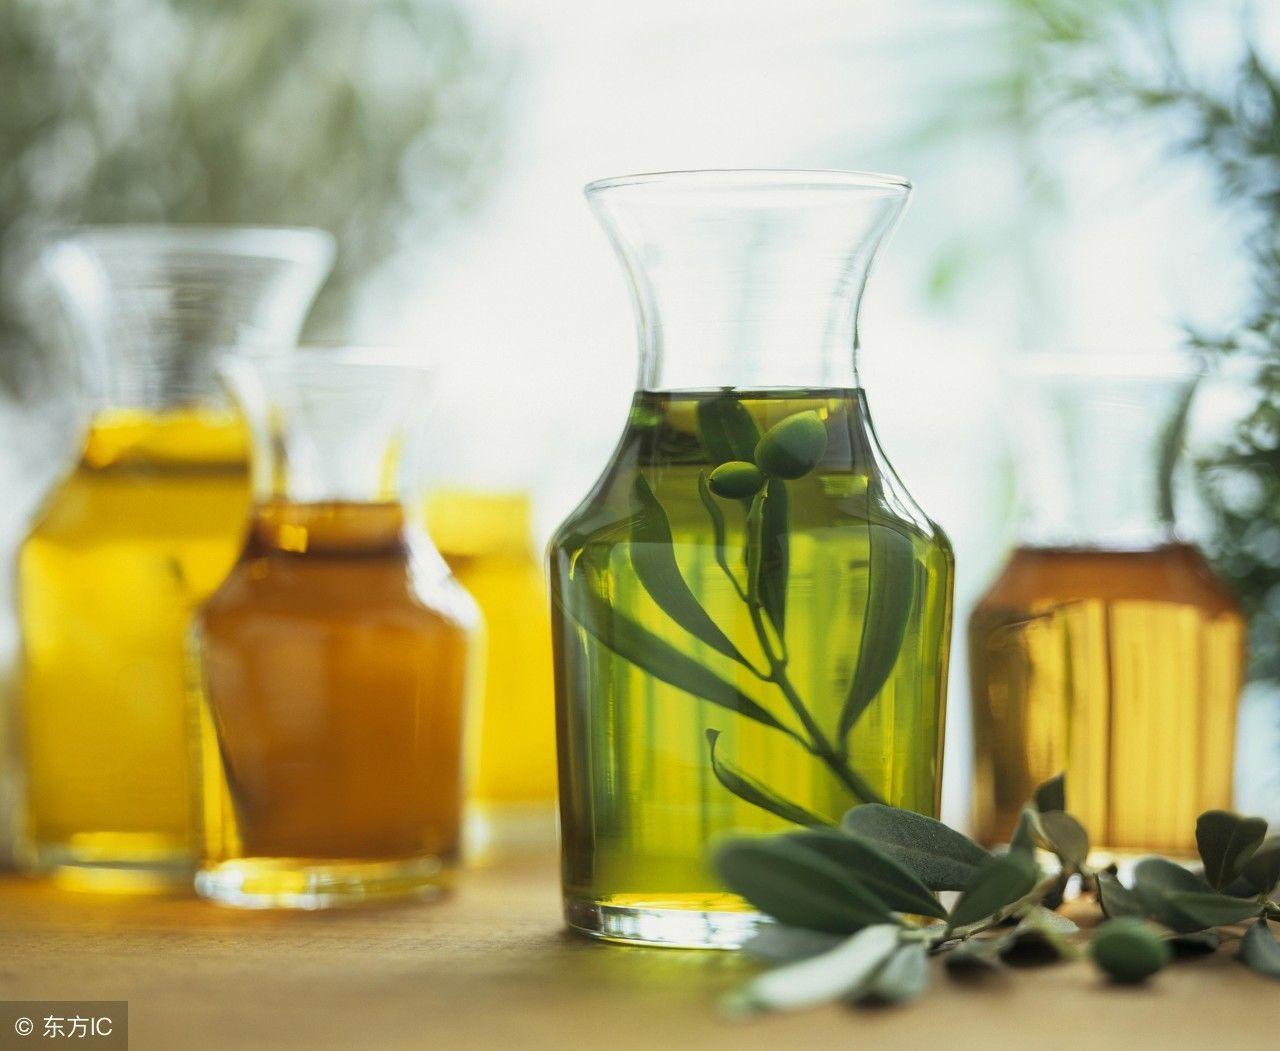 南方人偏爱动物油,而我们北方人却喜欢植物油,如果把这两种油从口感